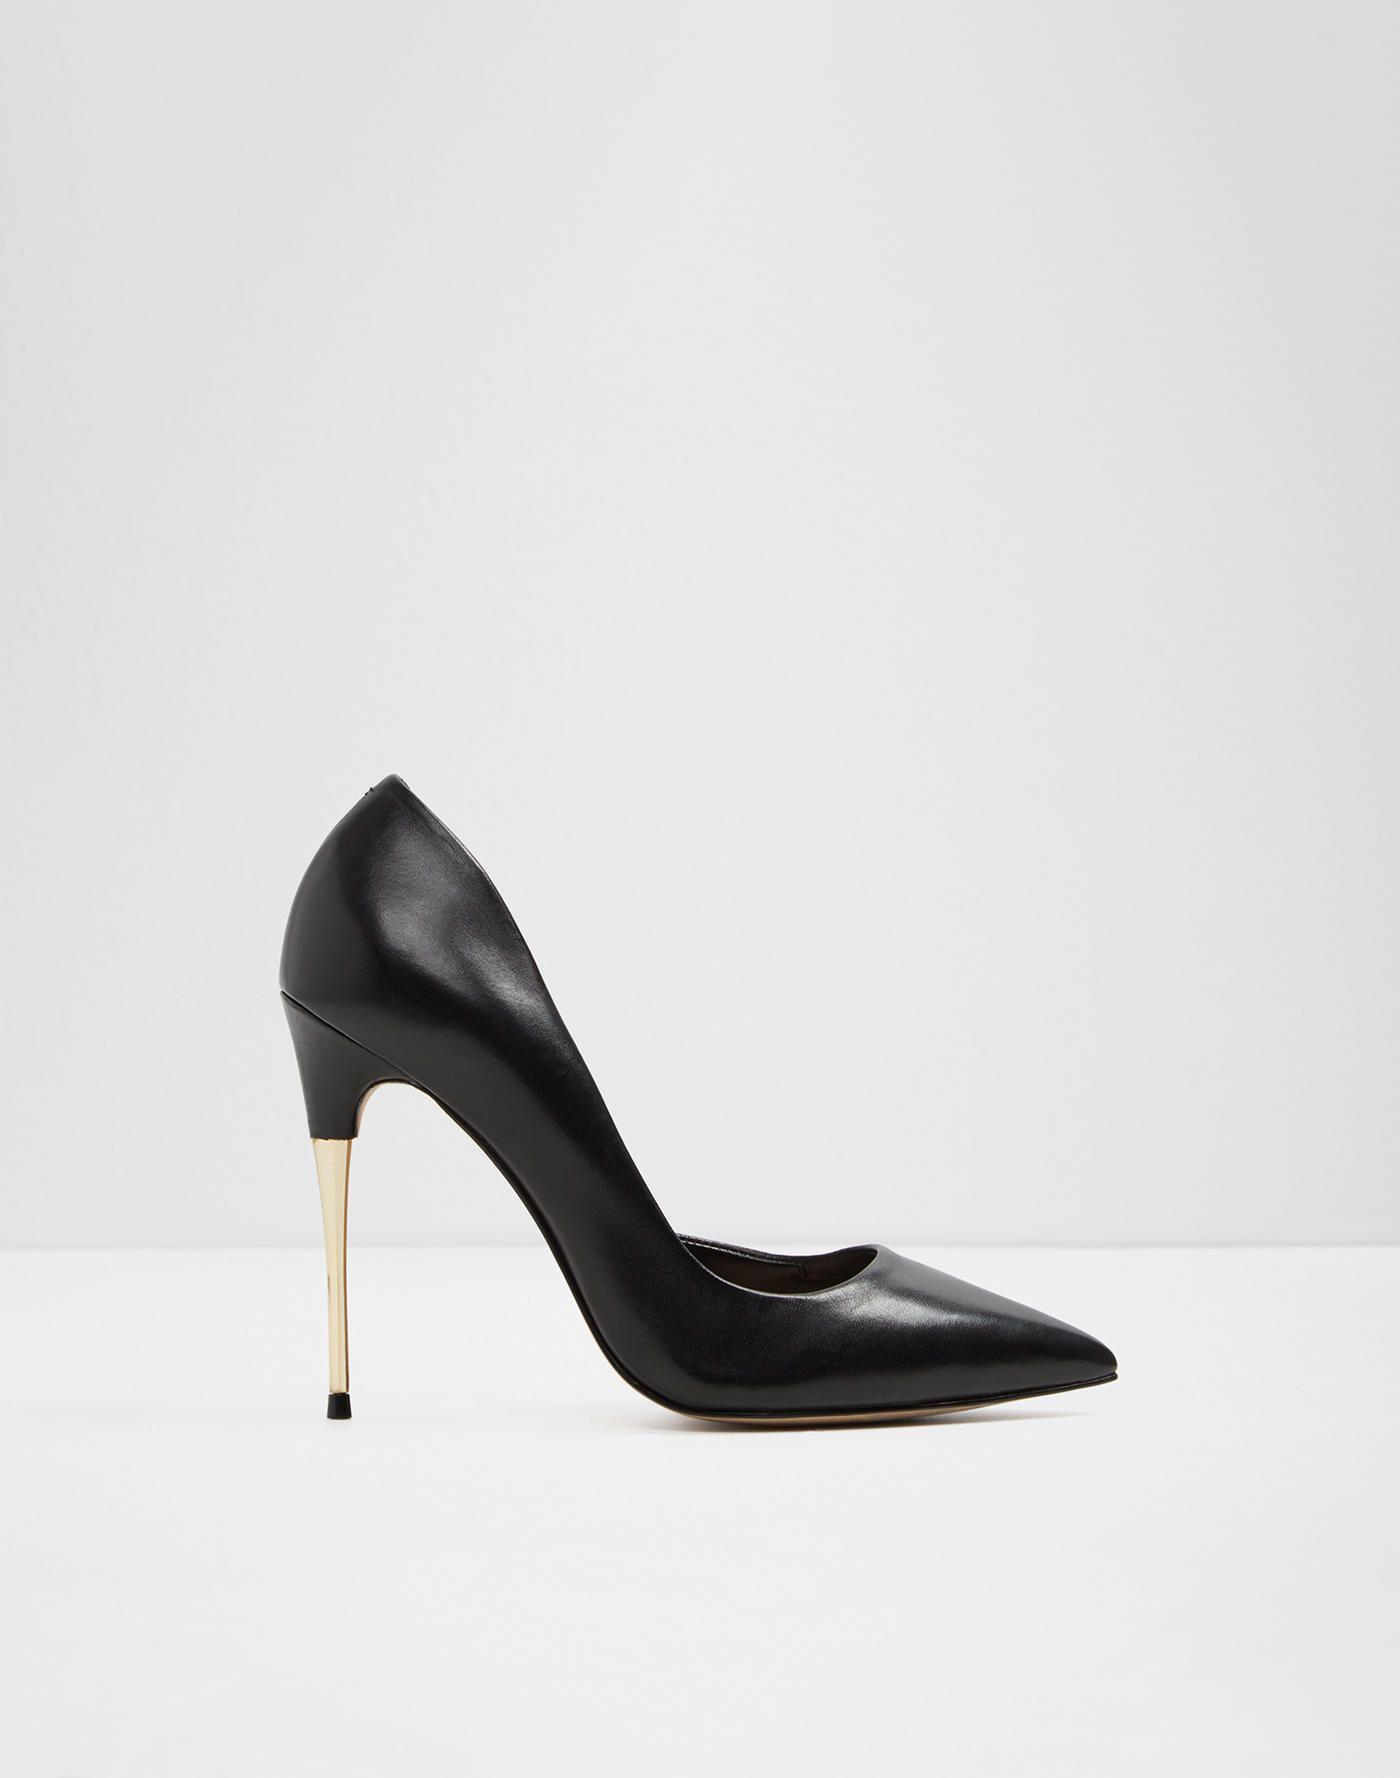 92e5d663c7f Mccarr noir par Aldo Shoes - Principale